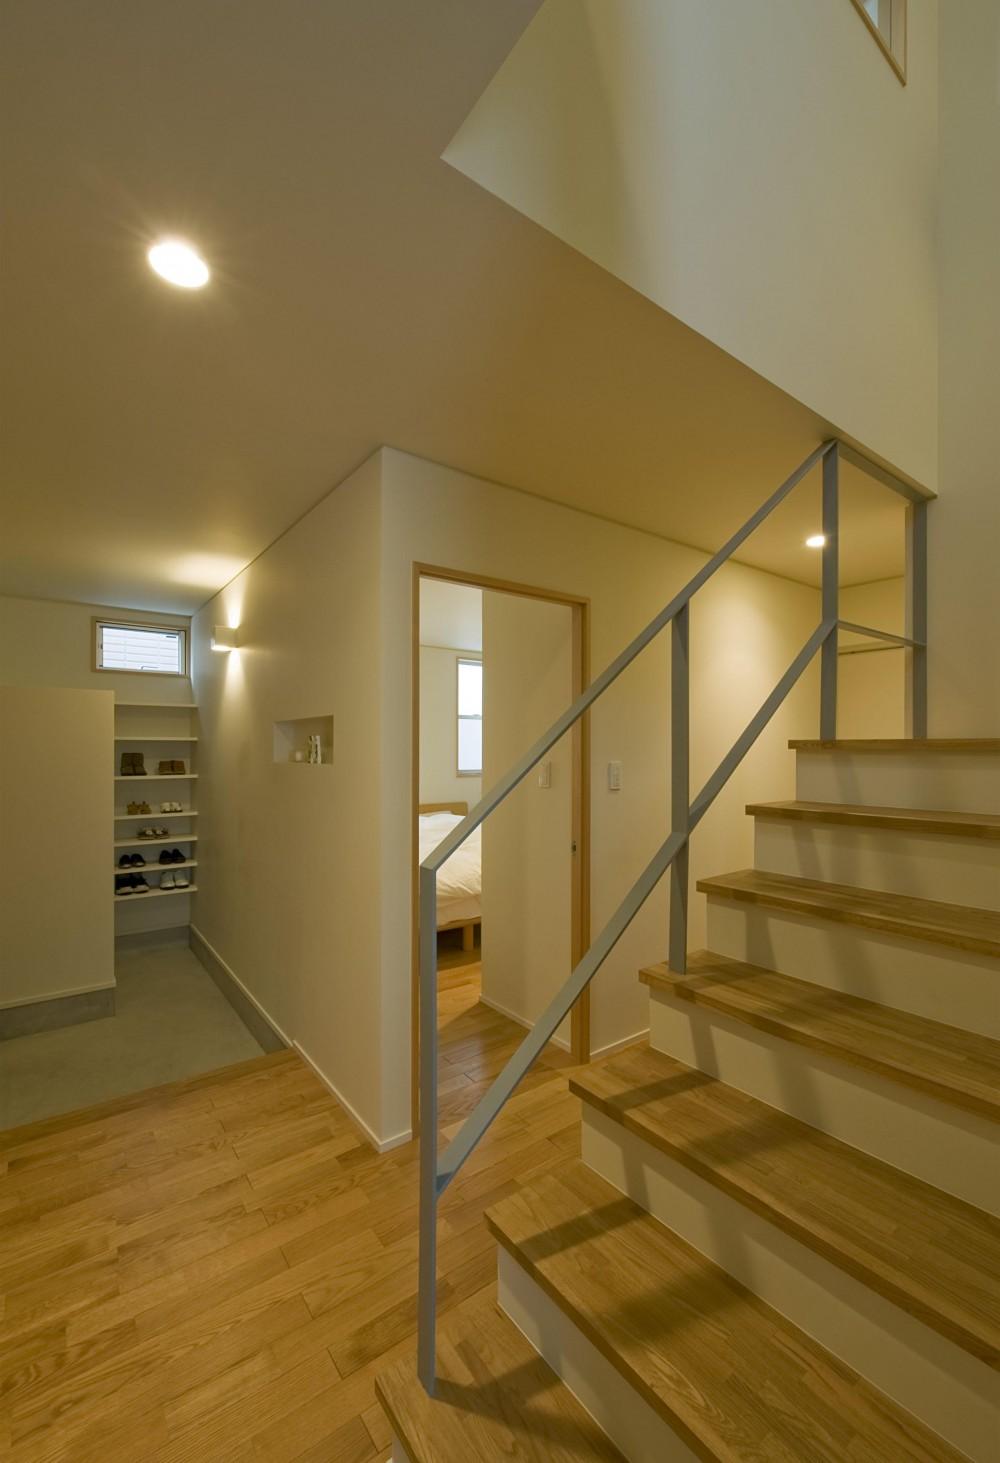 2階が生活拠点のシンプルな家 (1階階段まわり)